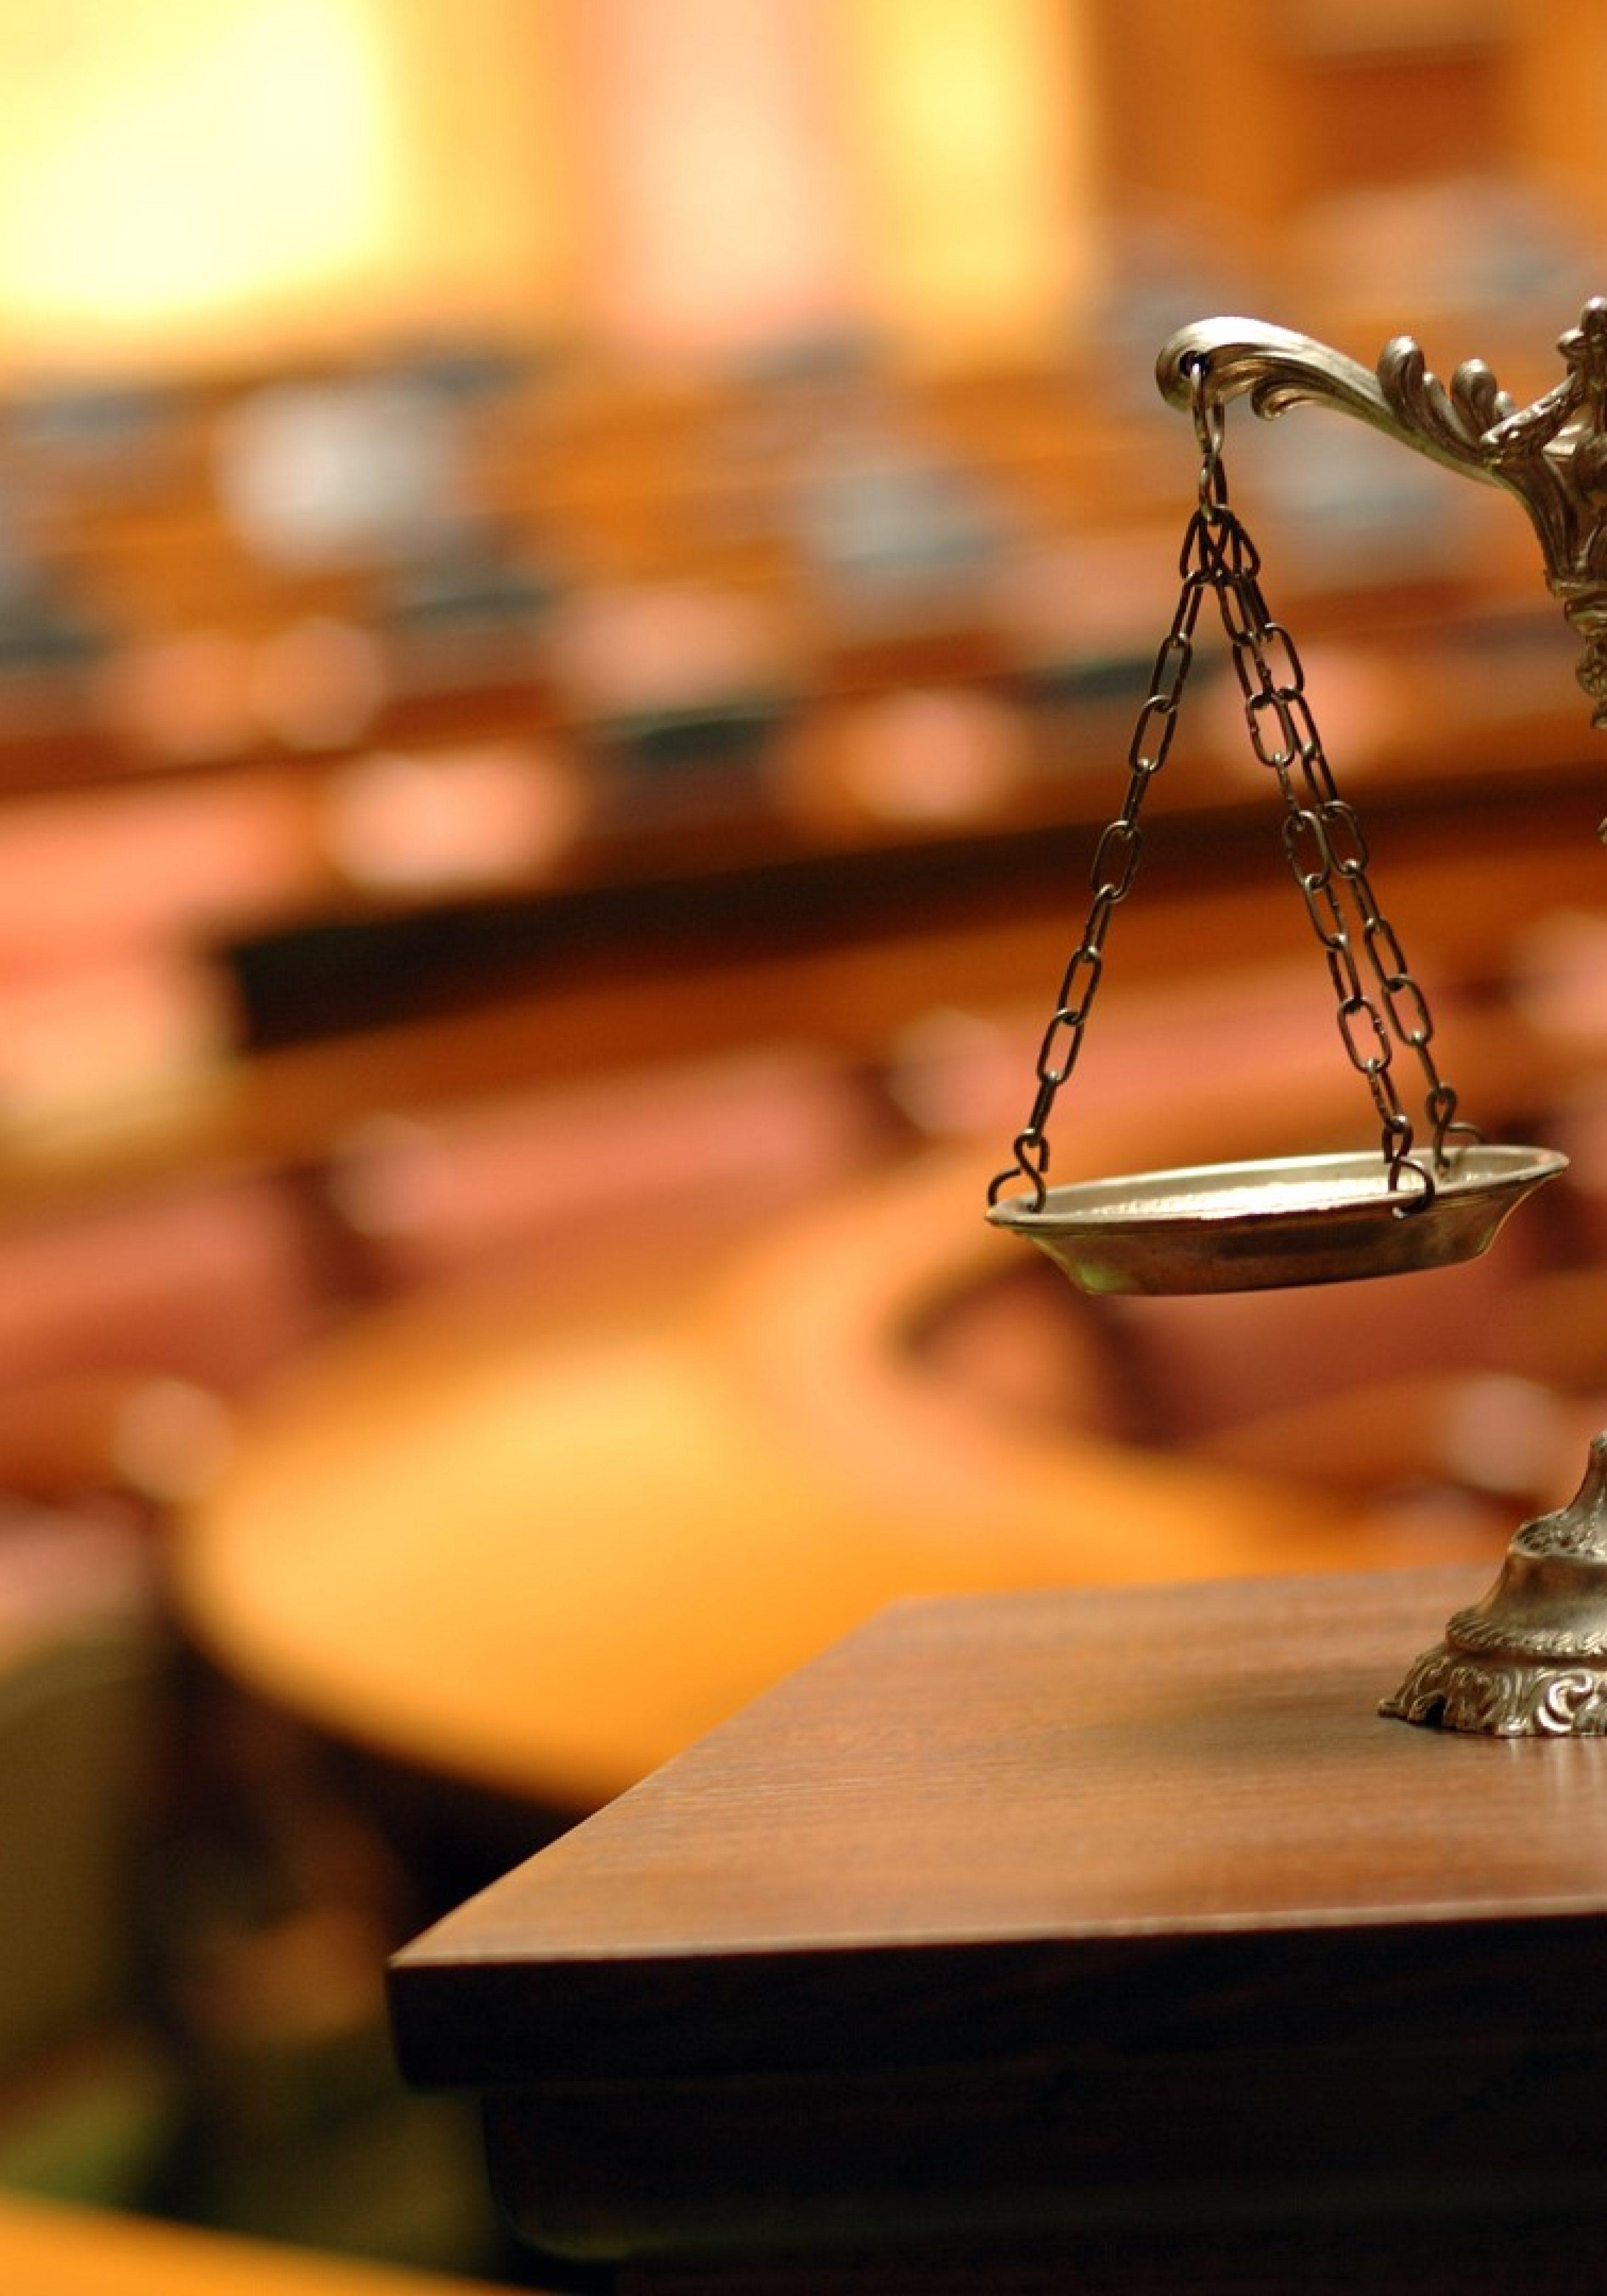 court-lawsuit-Large-3500x5000.jpg